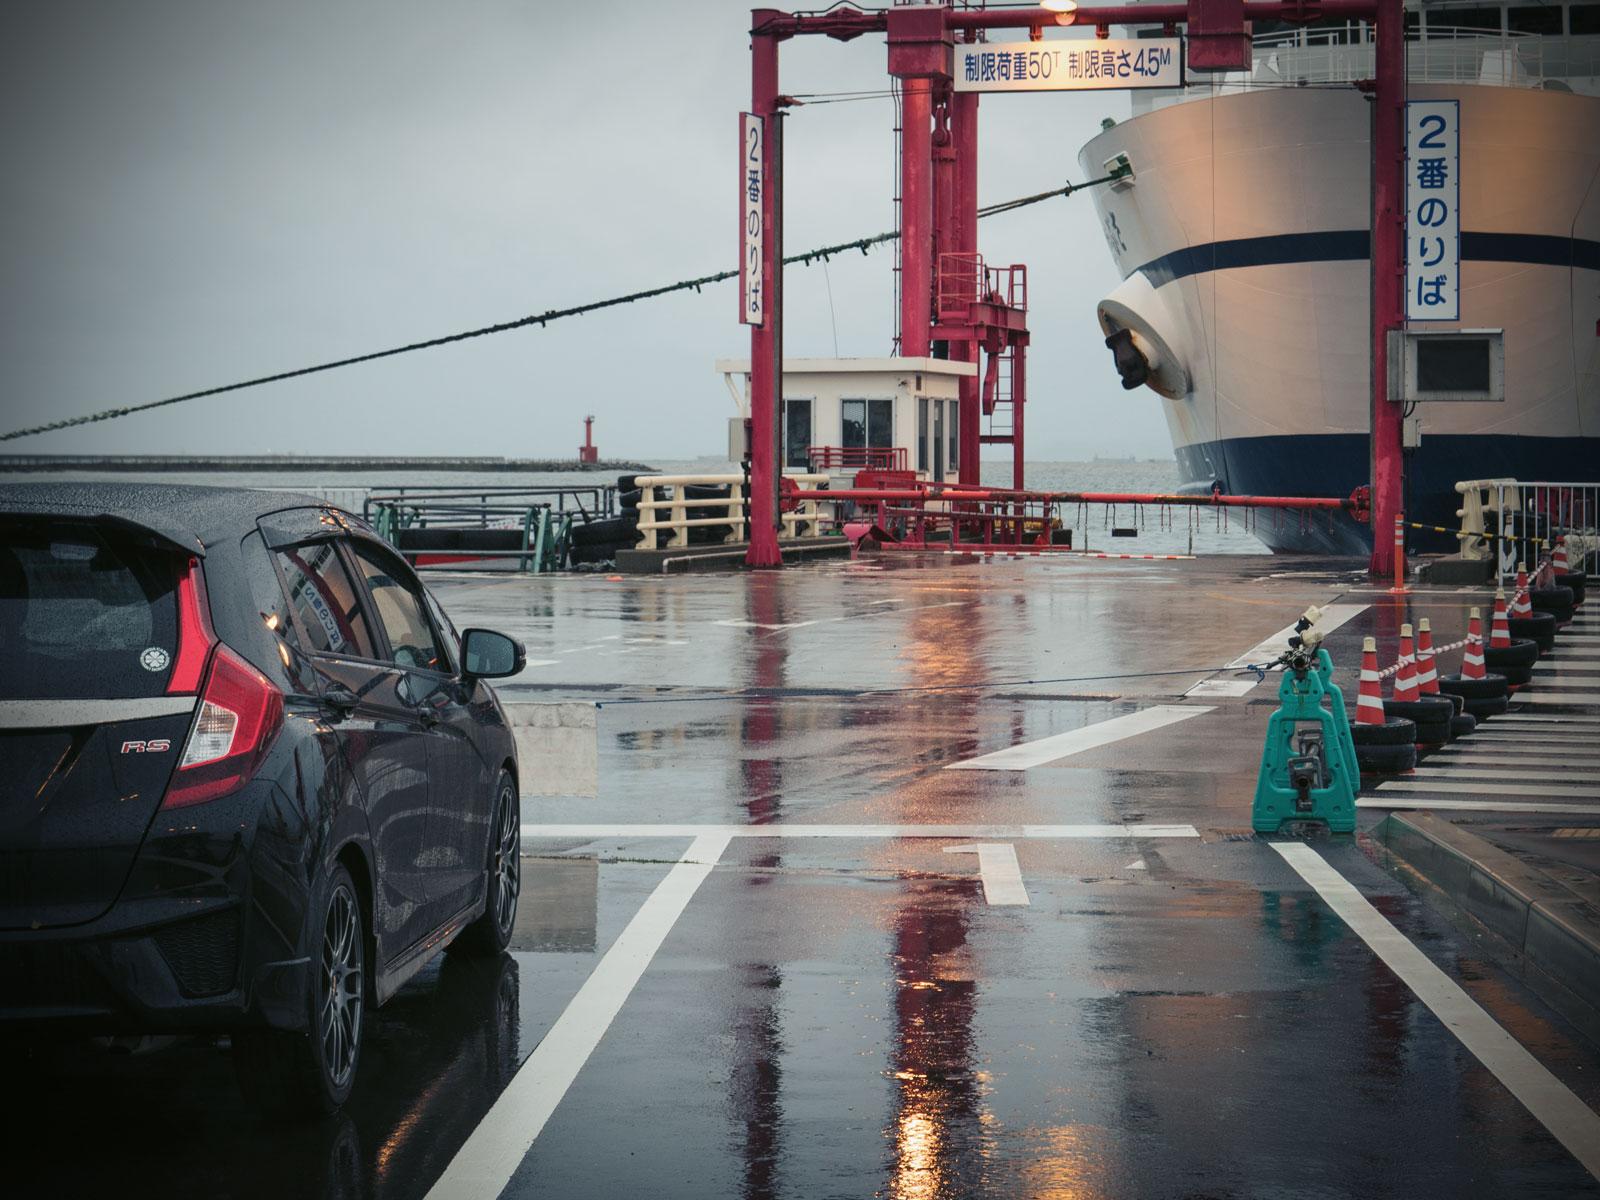 青森フェリーターミナル岸壁で乗船待ちのフィットRS